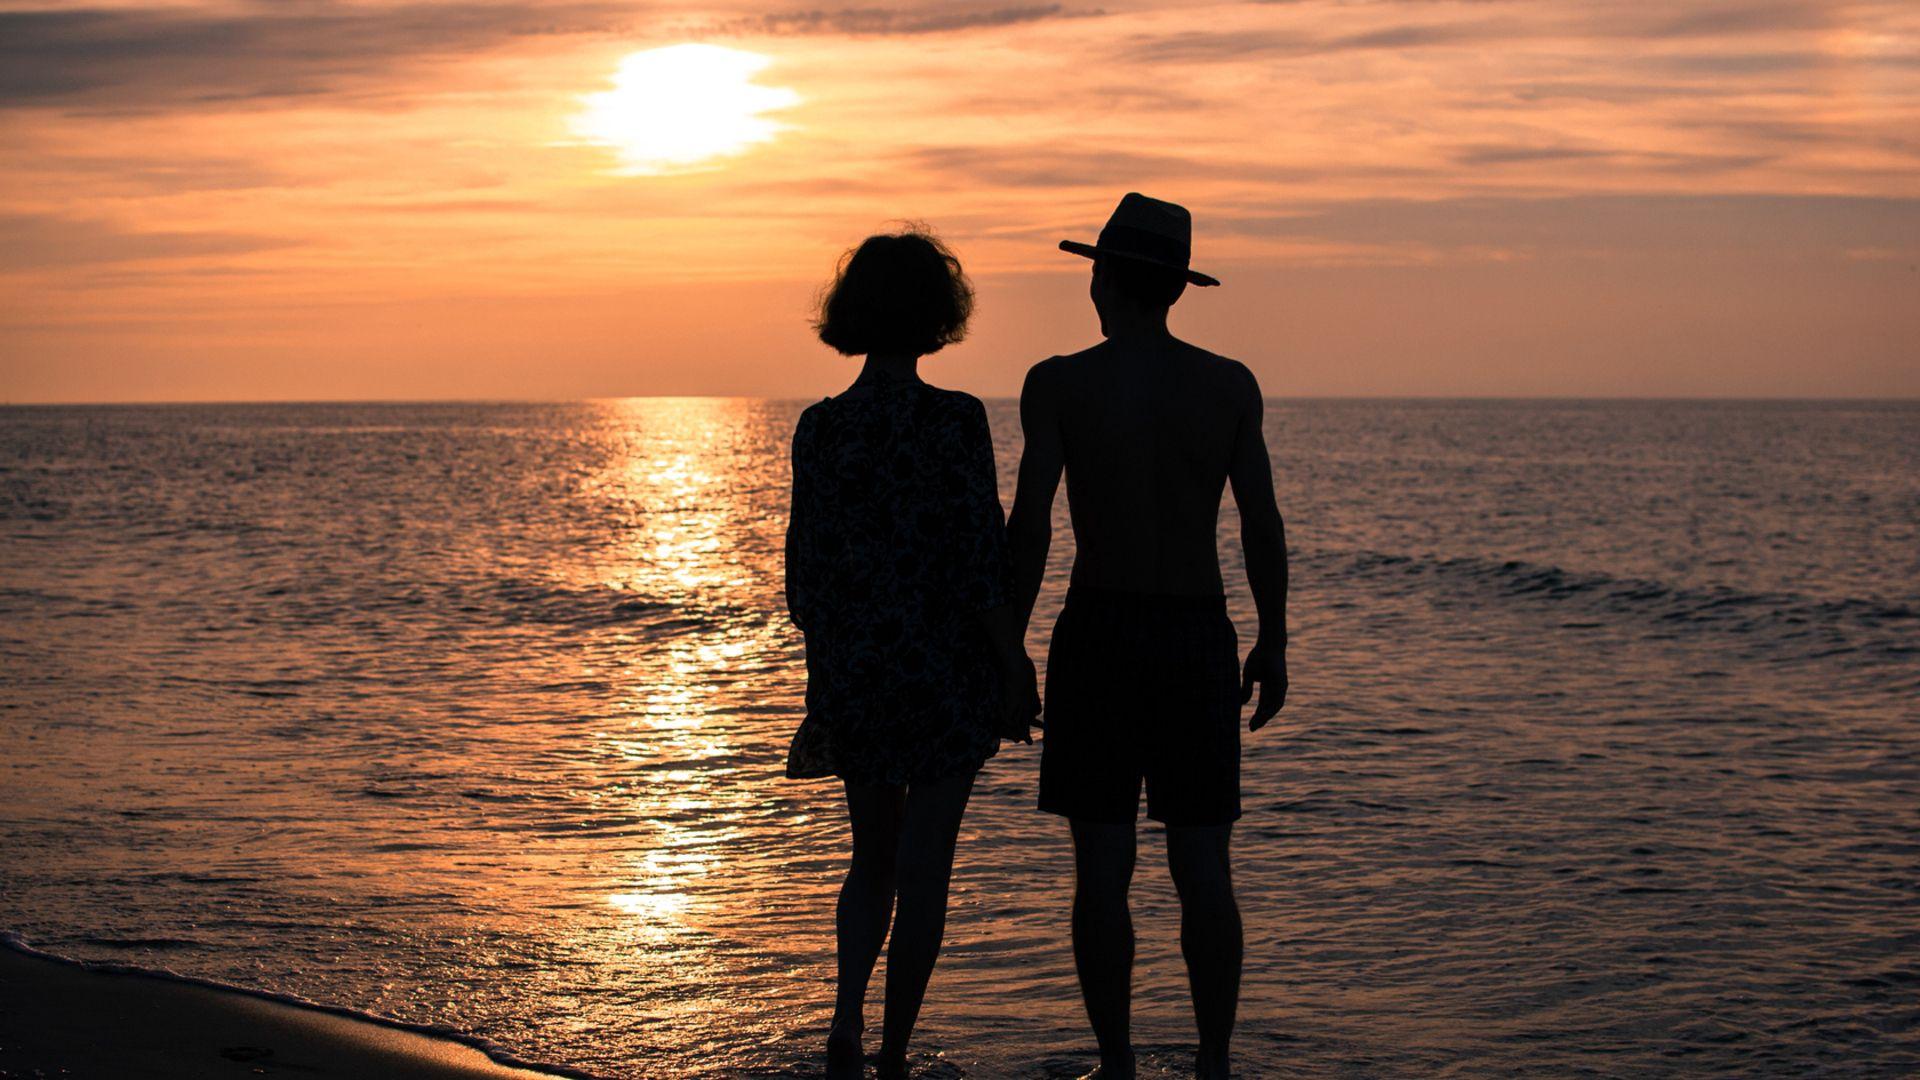 81282 скачать обои Любовь, Романтика, Отношения, Море, Лето, Пара, Девушка, Мужчина, Руки, Закат, Небо, Сумерки, Солнце - заставки и картинки бесплатно